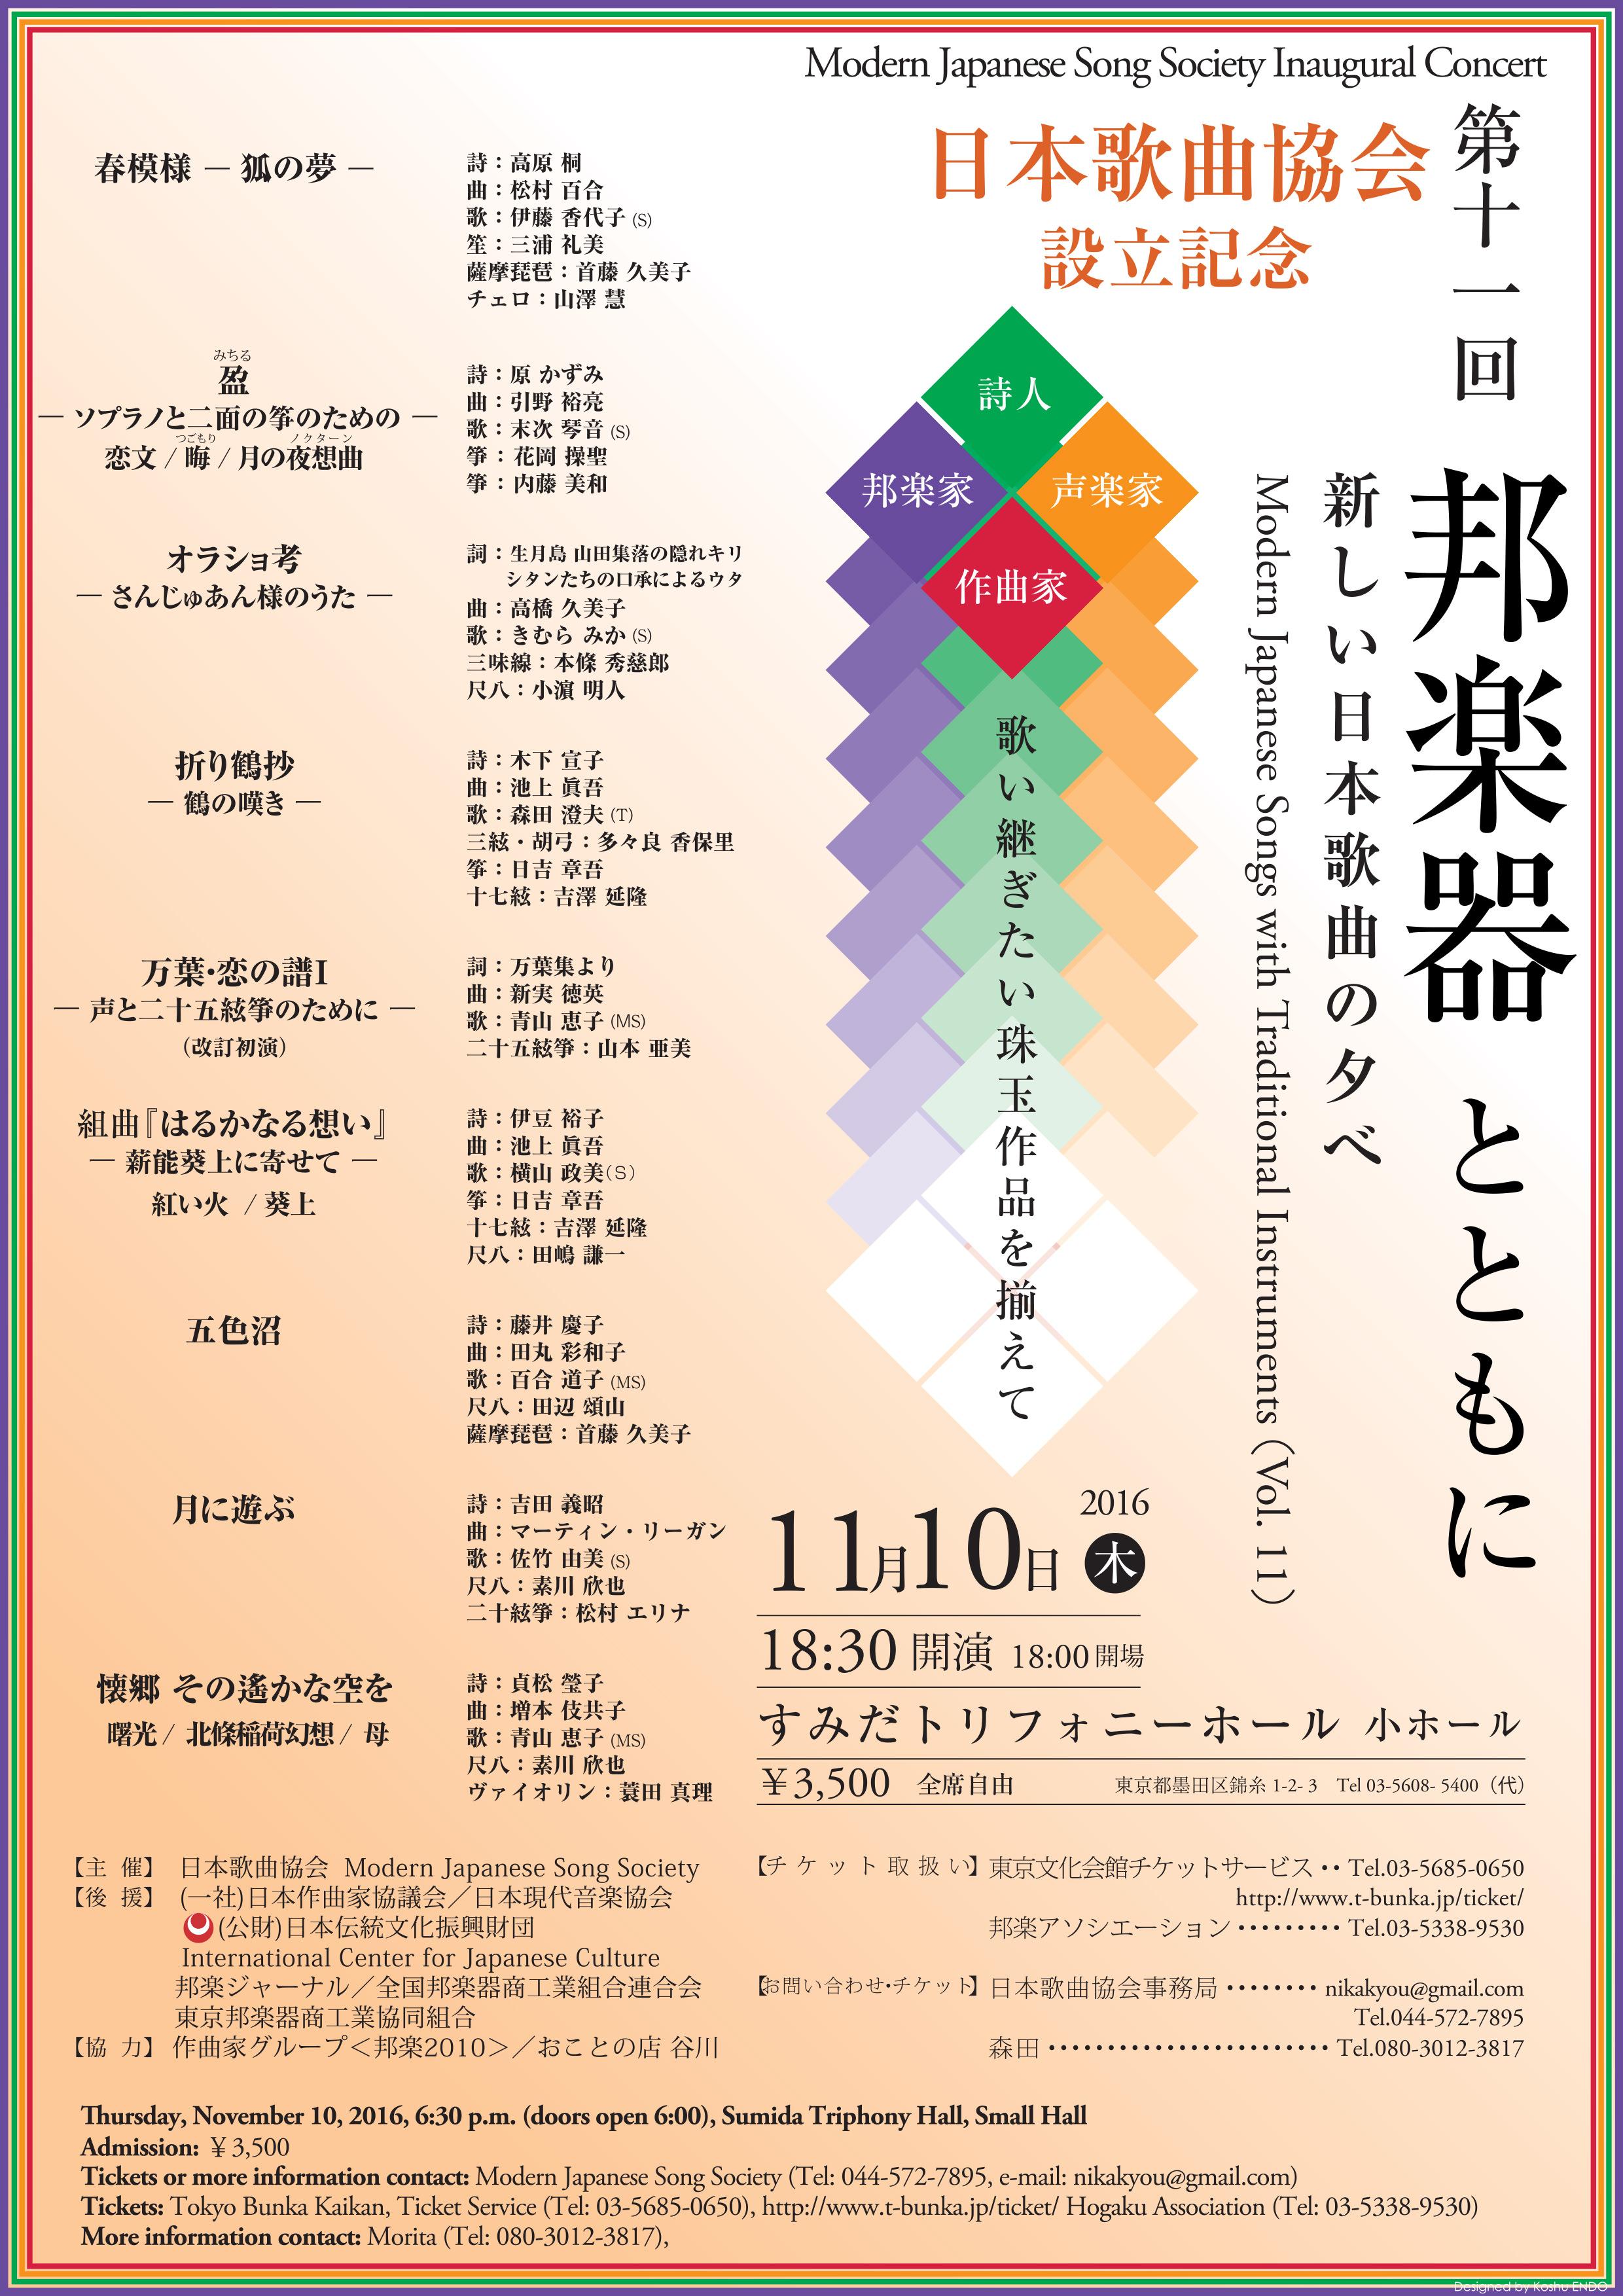 第11回邦楽器チラシ表